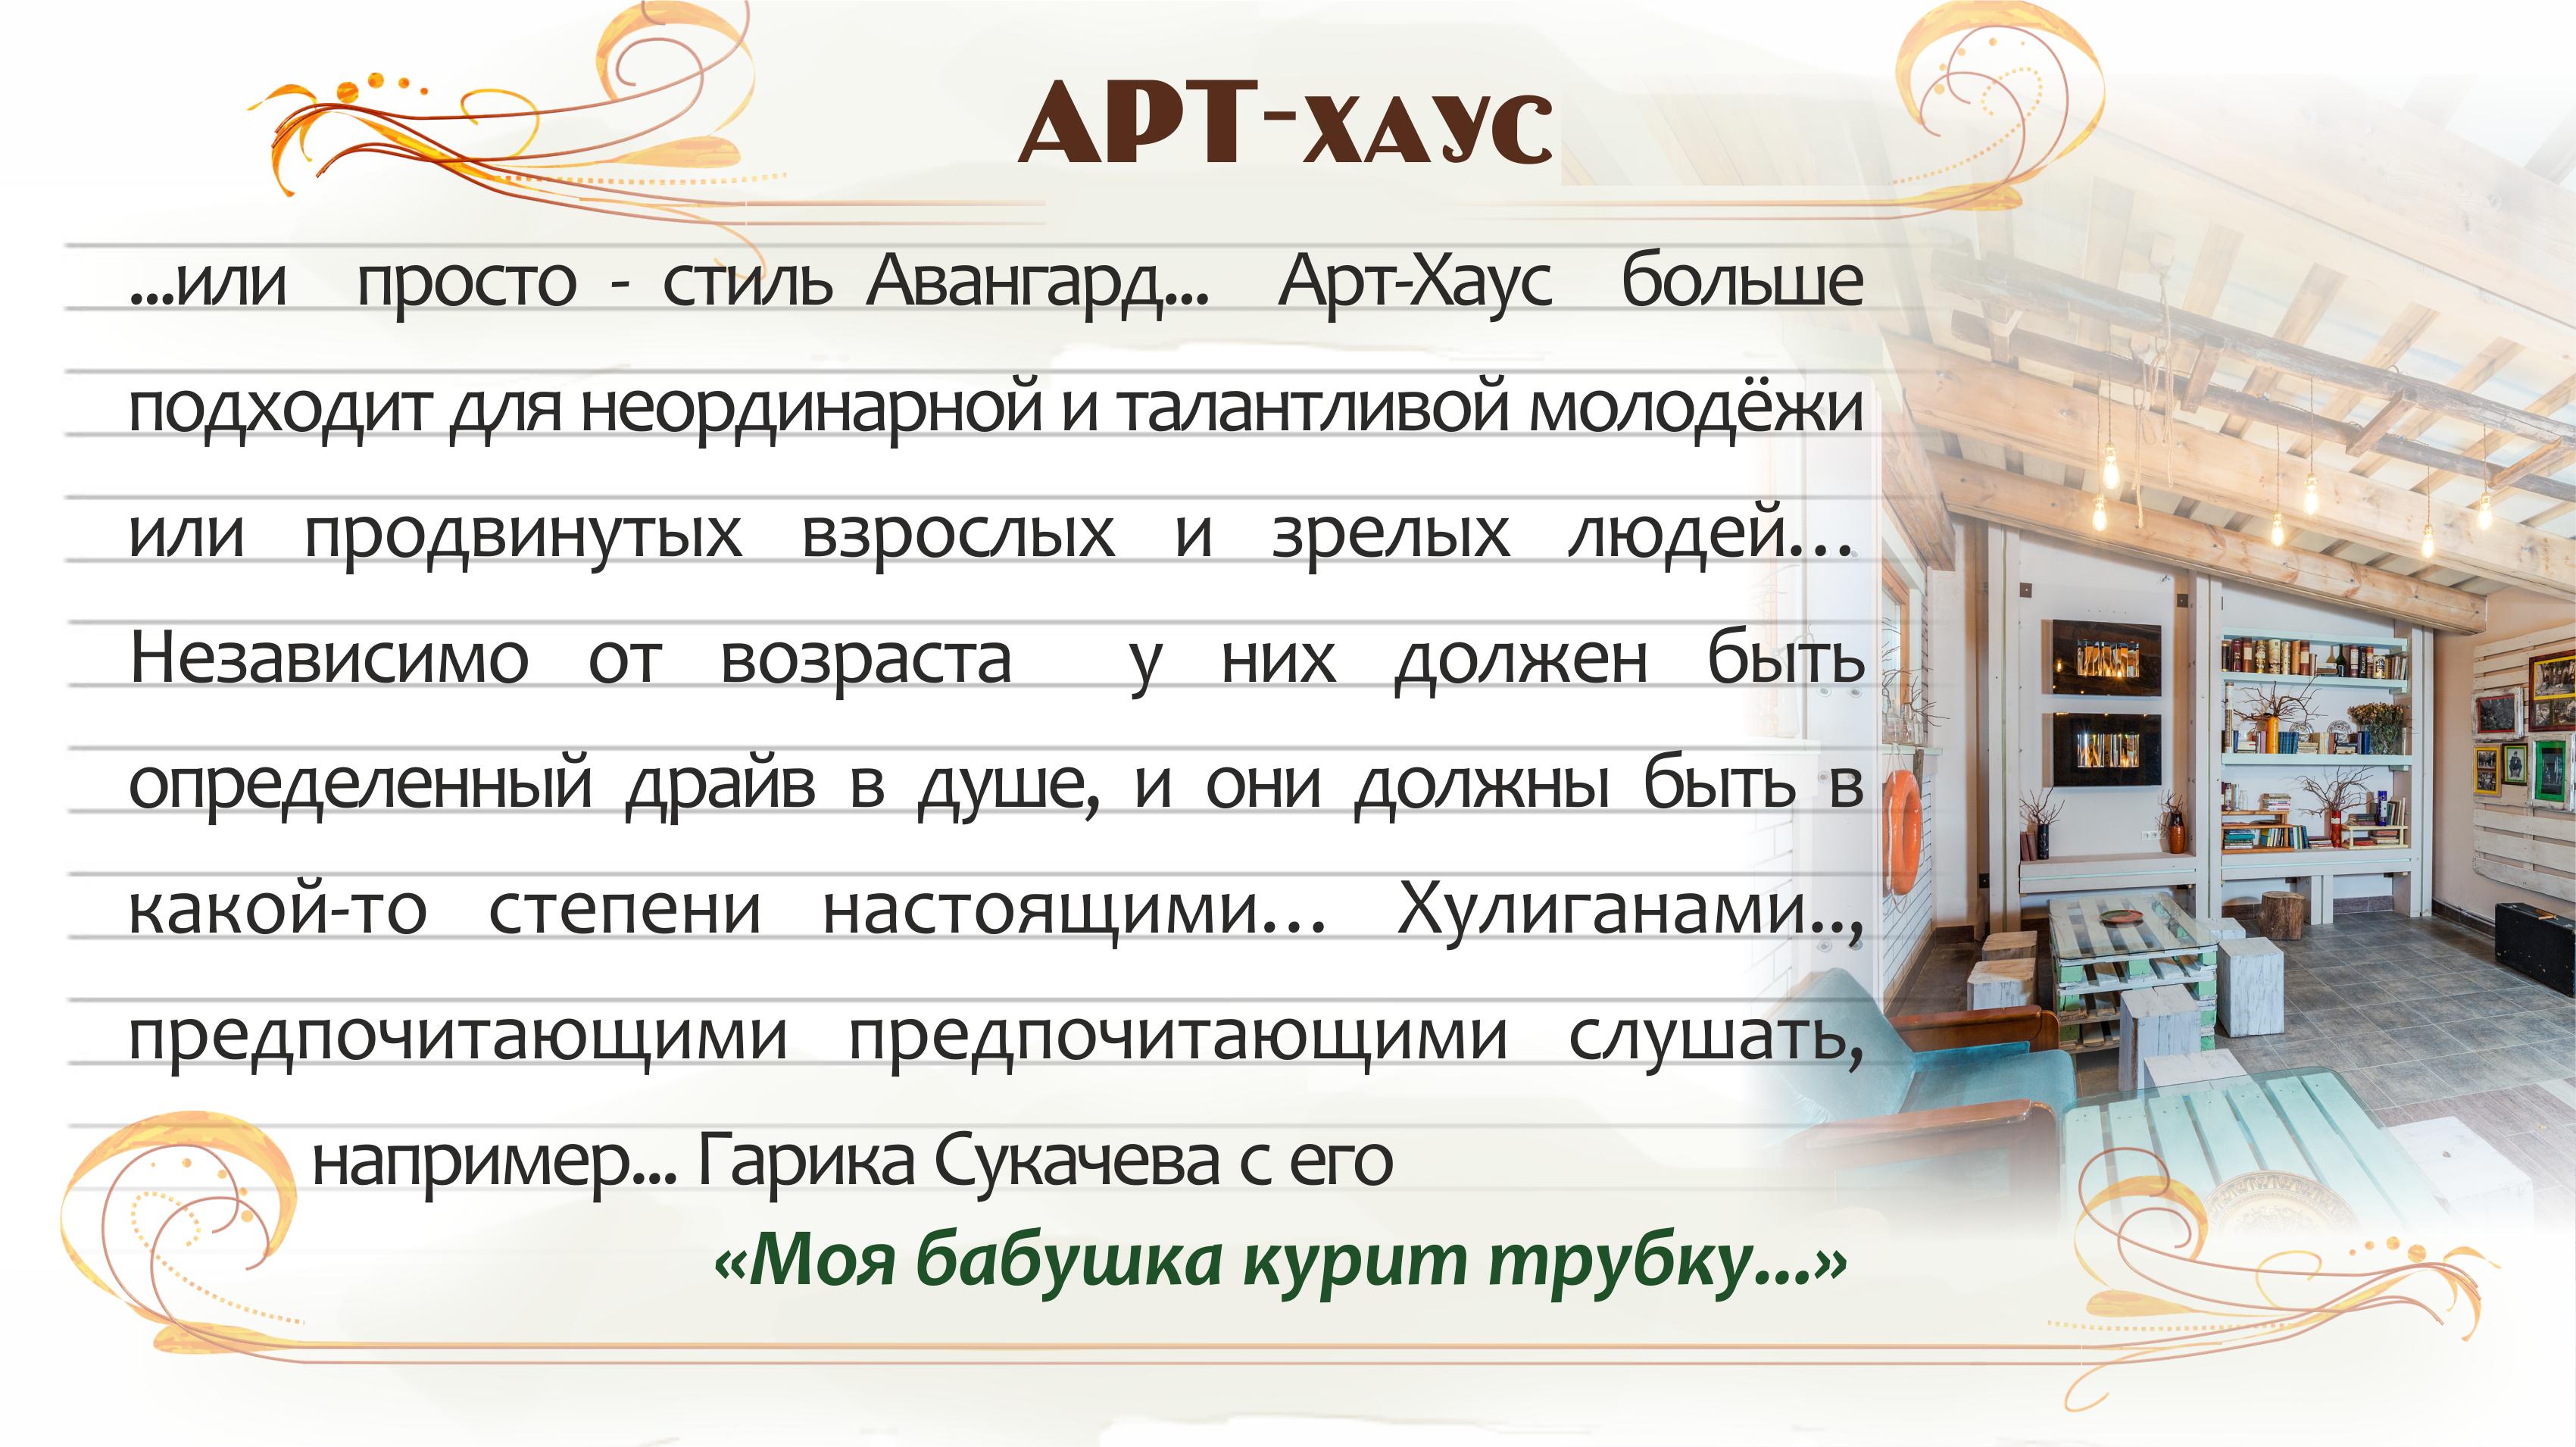 арт хаус текст 2